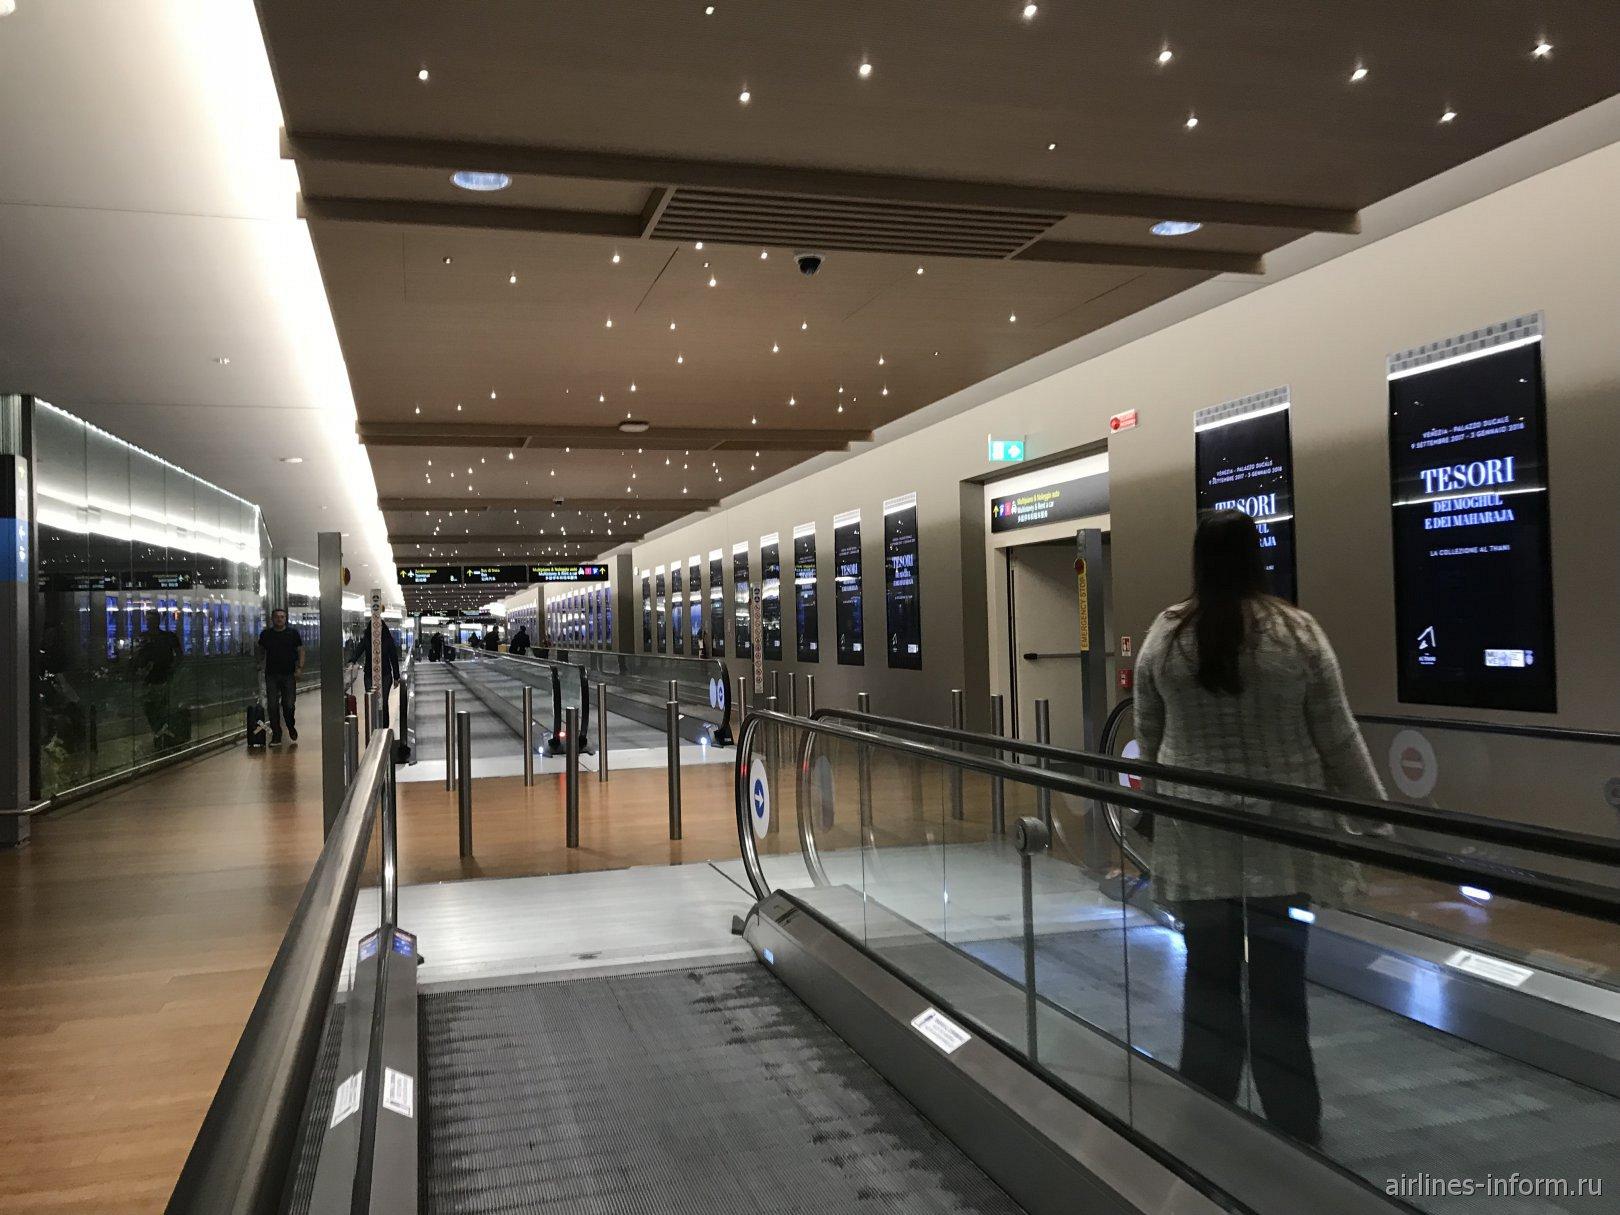 Переход в аэропорту Венеция Марко Поло